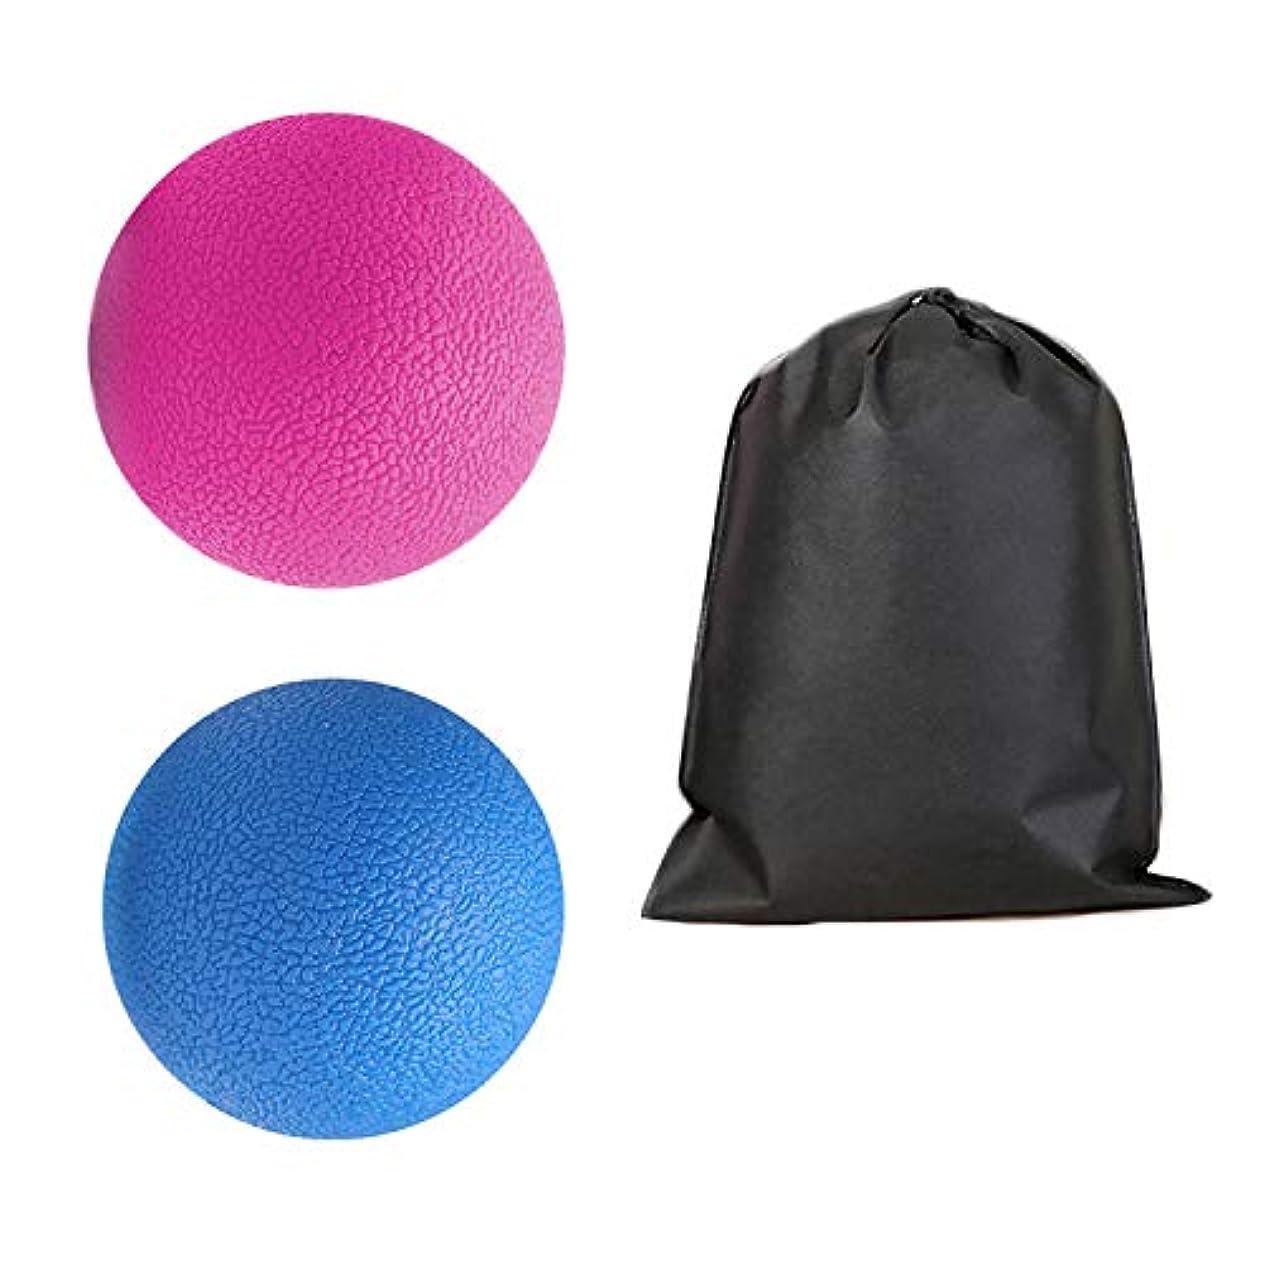 フェロー諸島ファイアル節約Migavan 2本マッサージボールローラーバックマッサージボール収納袋付きマッサージローラーボールマッサージャー